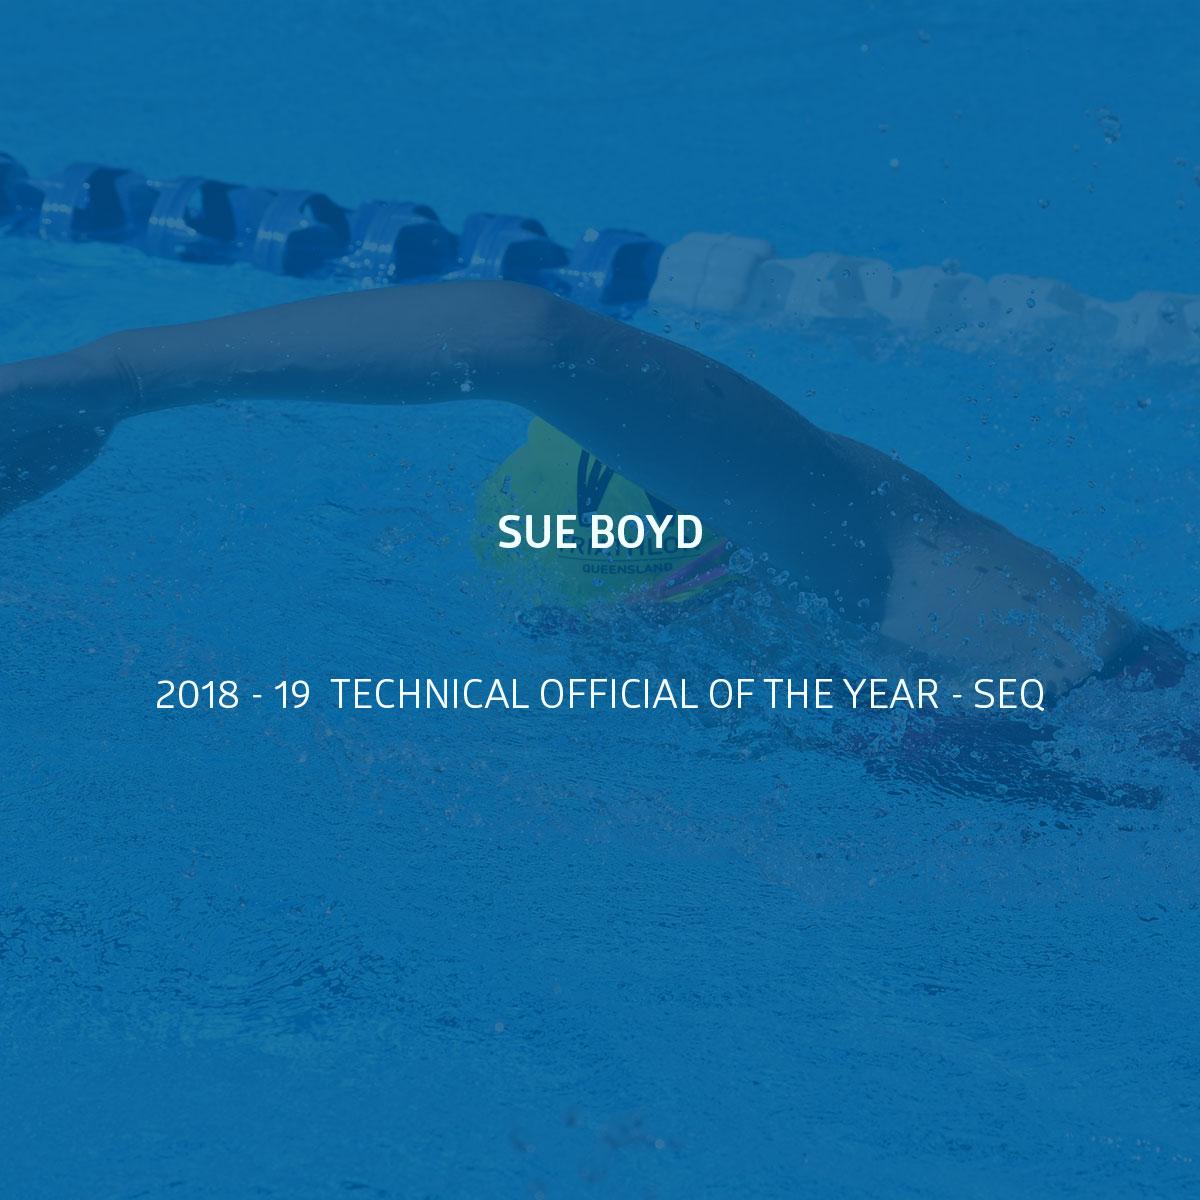 Sue Boyd 2019